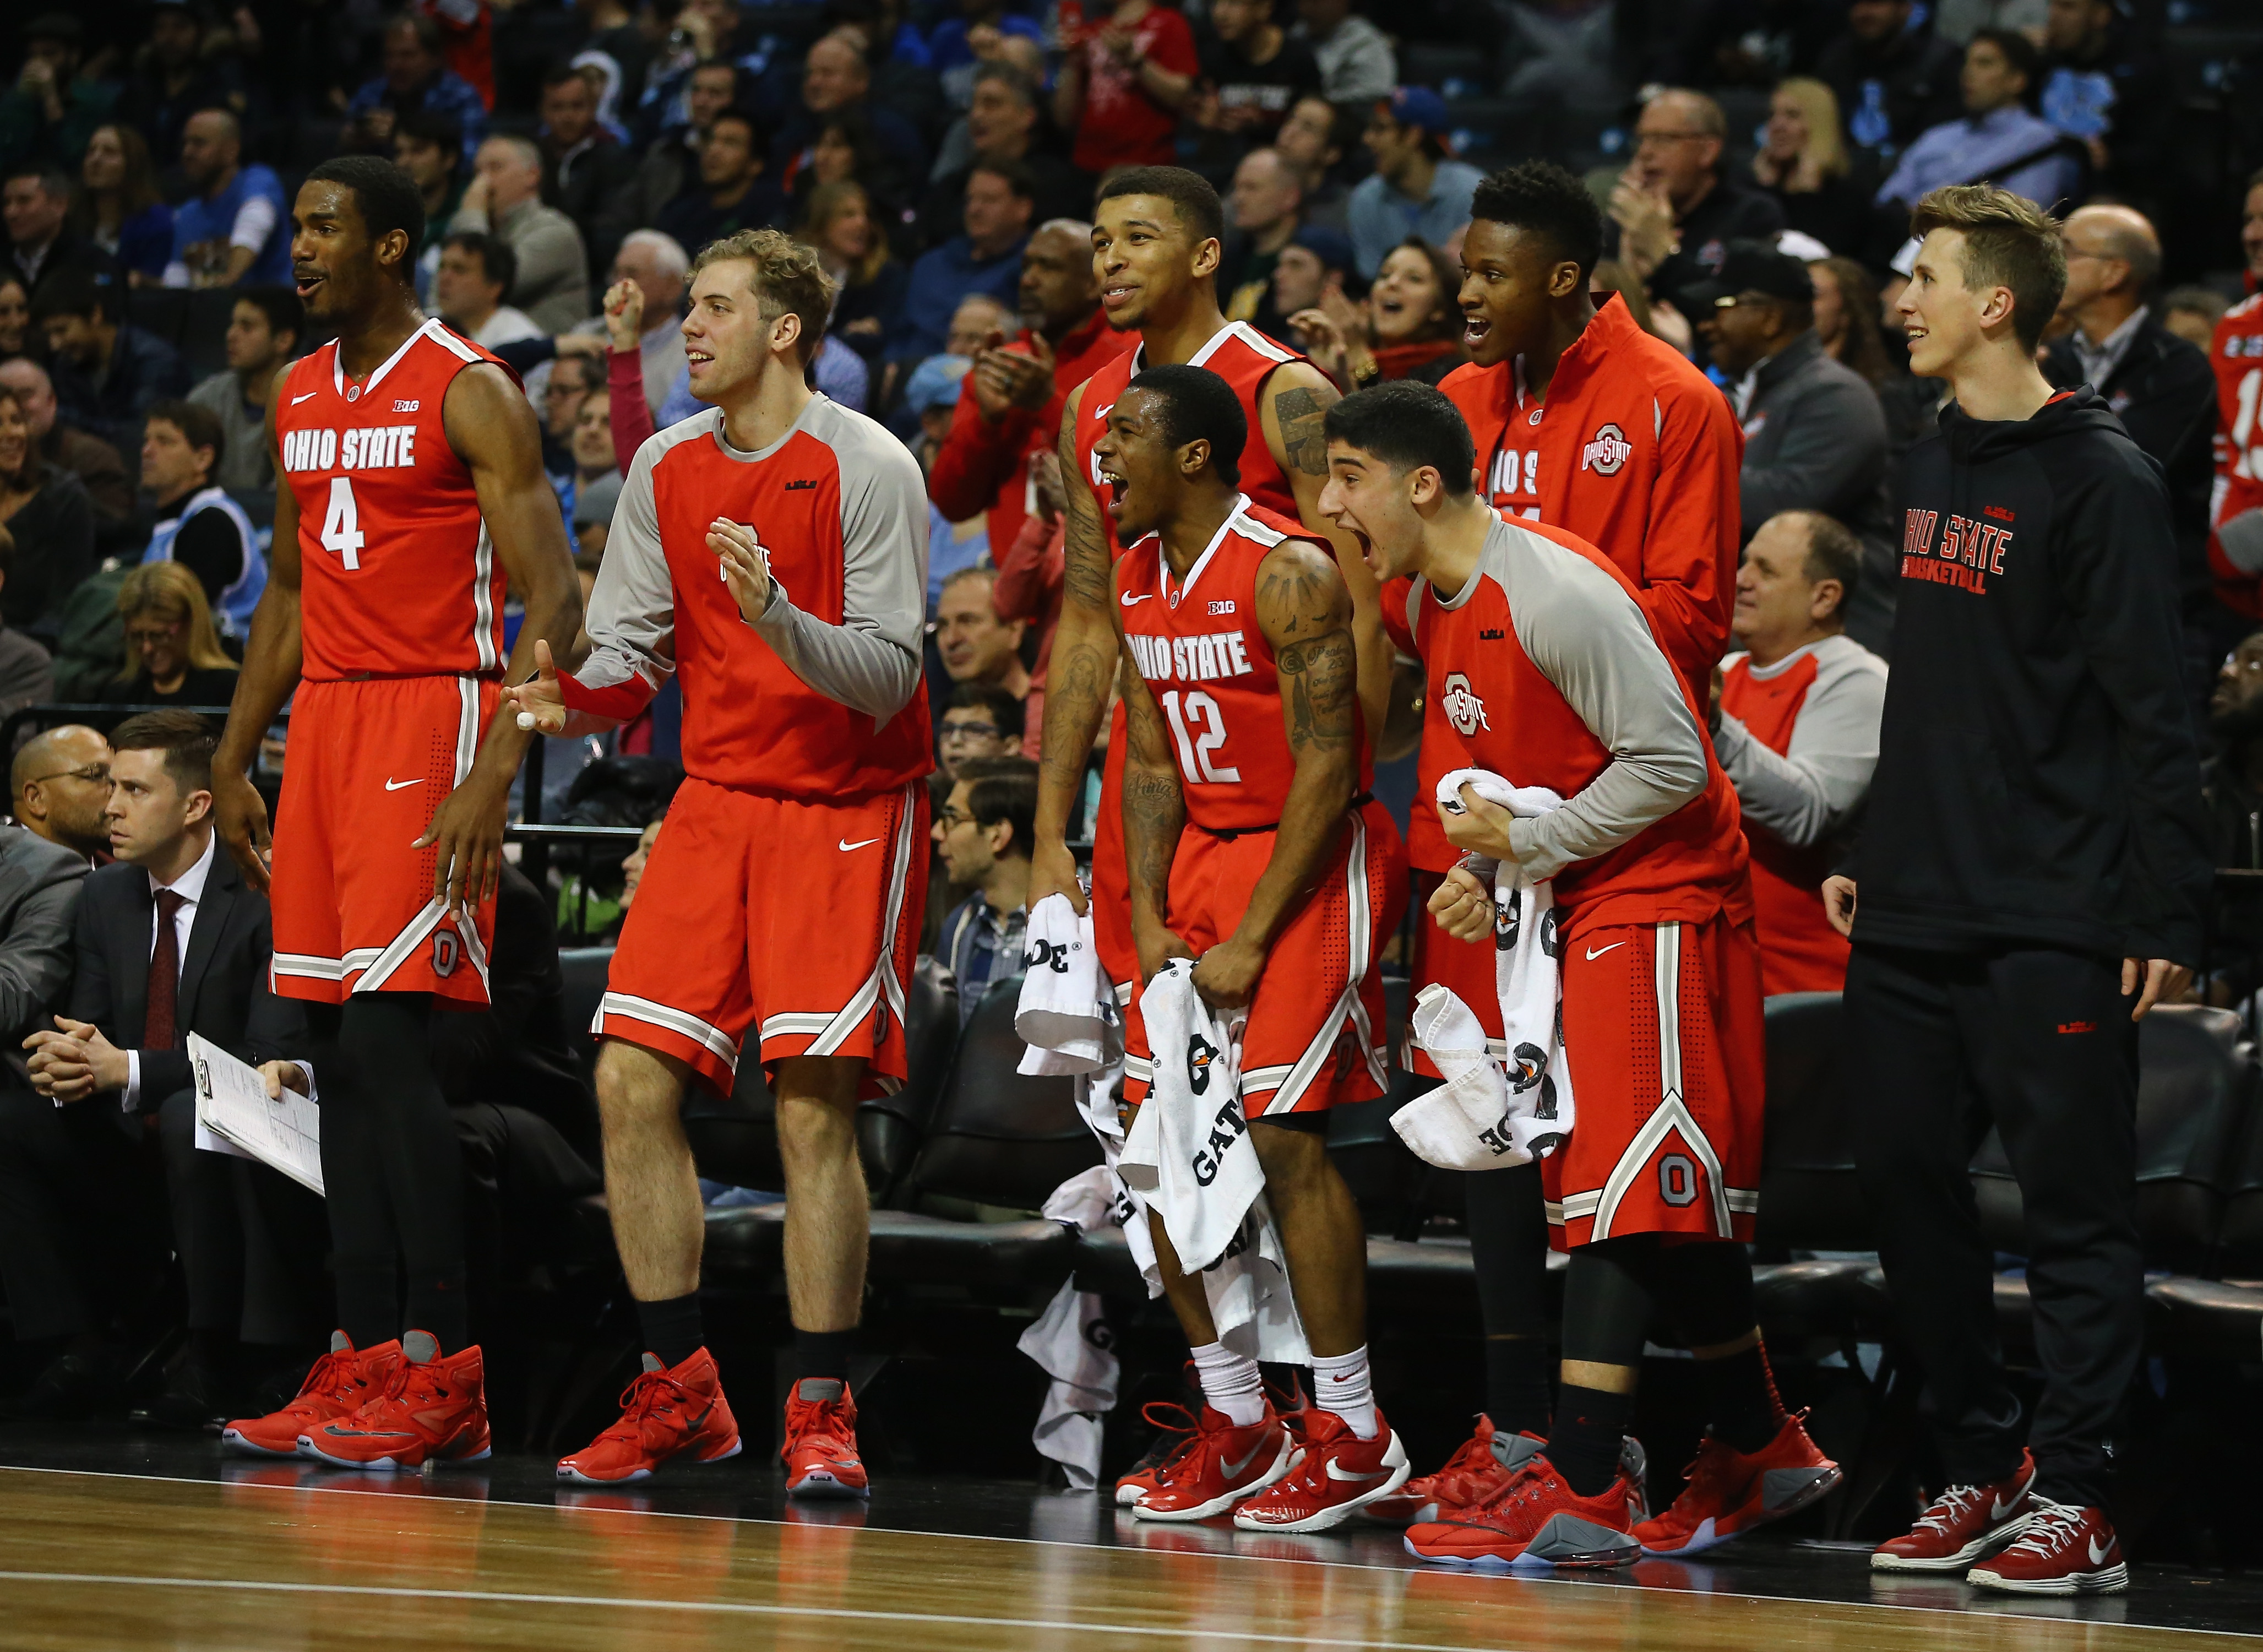 Kentucky Basketball 2017 18 Season Preview For The Wildcats: Ohio State Basketball: 2017-18 Season Preview For The Buckeyes